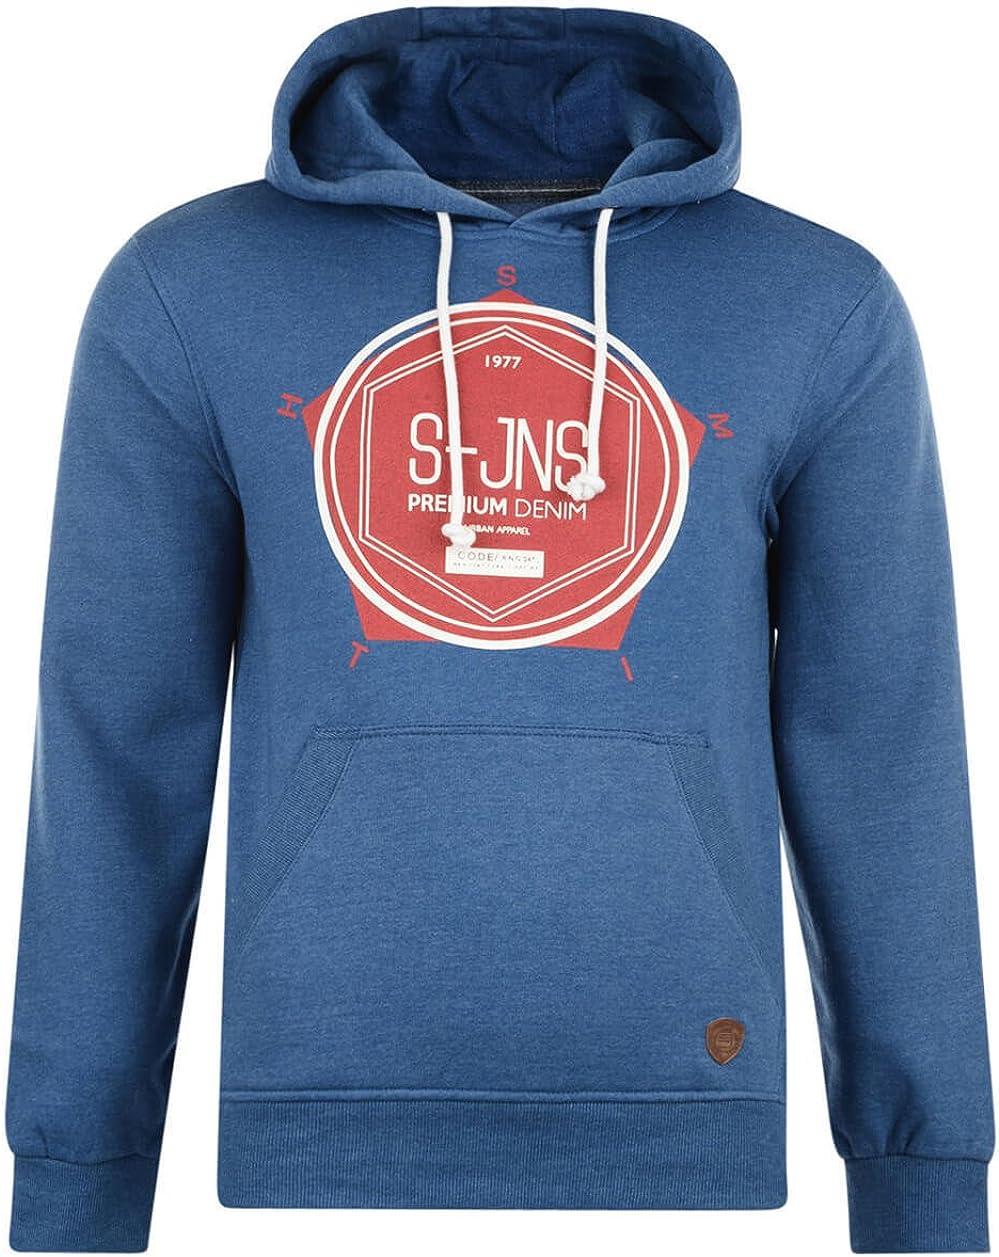 Smith /& Jones Men's New Overhead /& Zip Up Hooded Tops Sweatshirt Fleece Hoodies